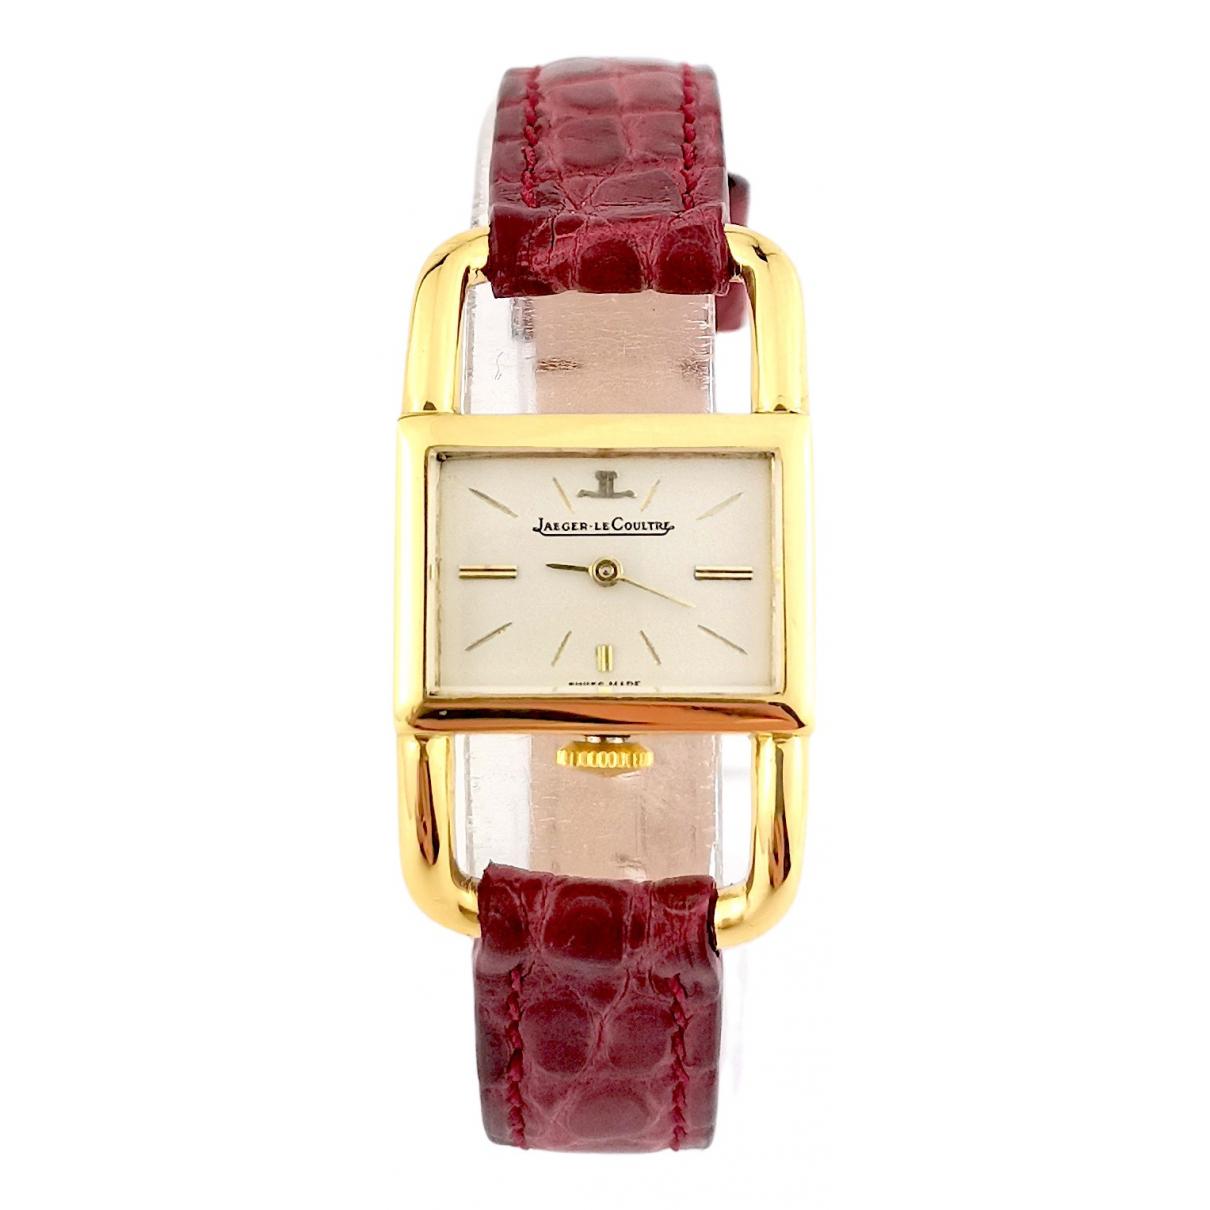 Reloj Etrier de Oro amarillo Jaeger-lecoultre